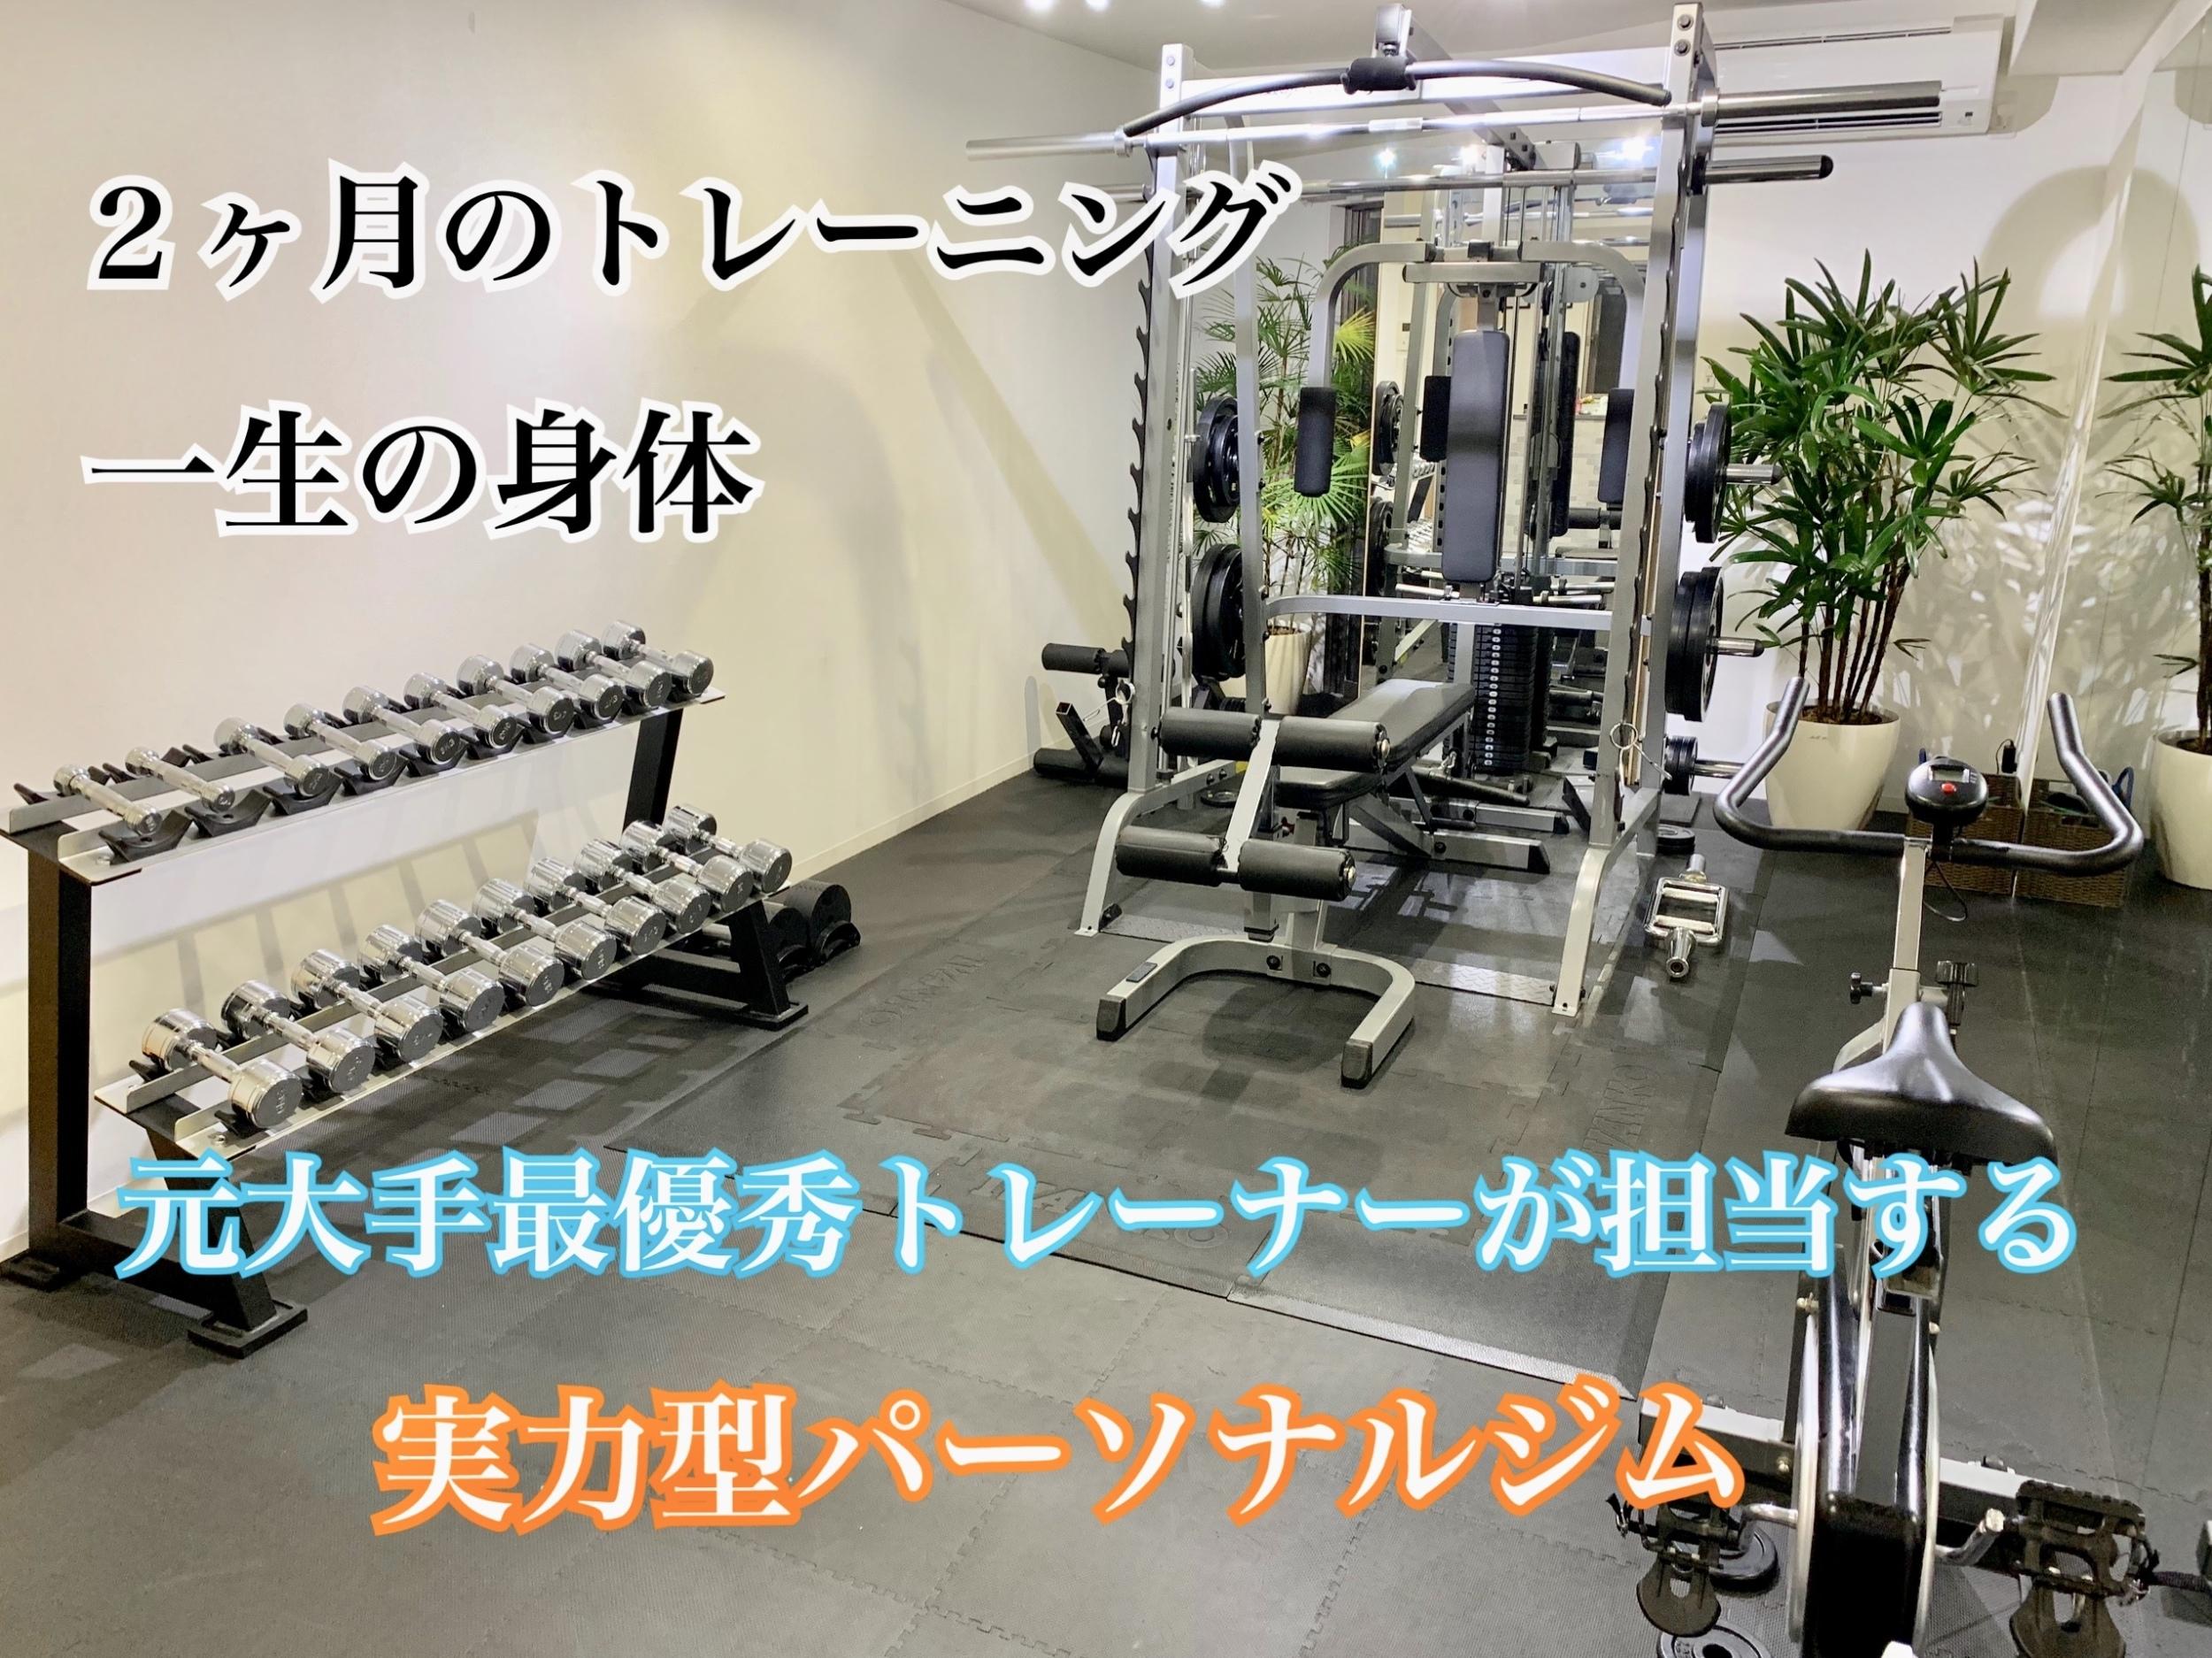 パーソナルトレーニングジム Body Beatの画像